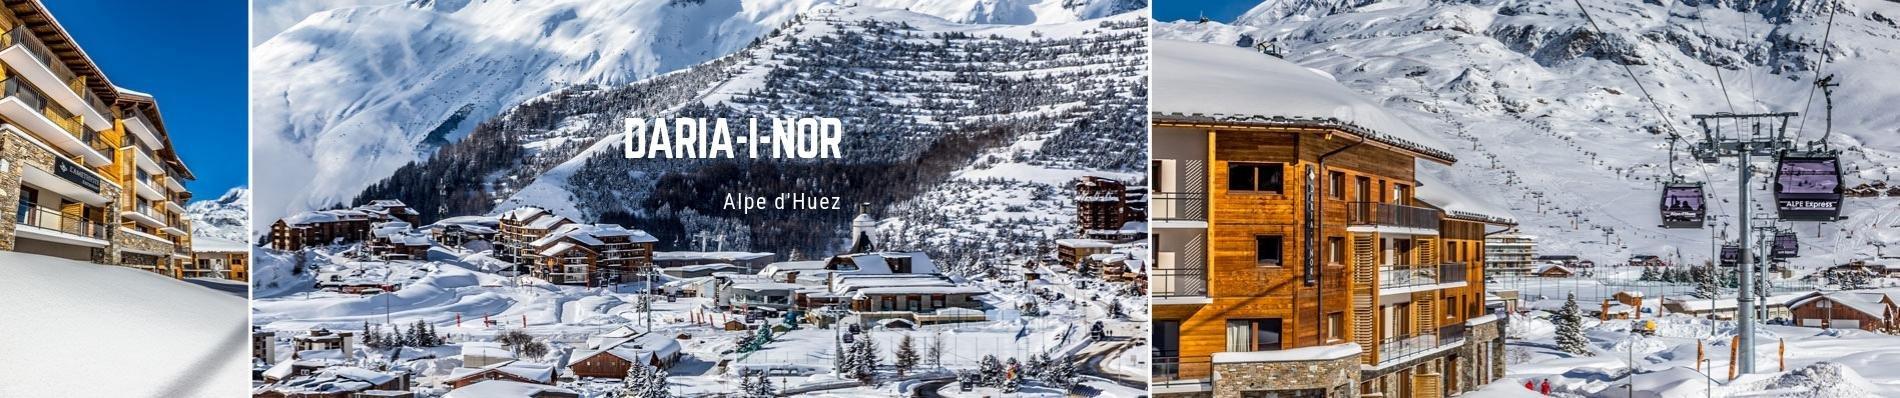 daria-i-nor-chalet-des-neiges